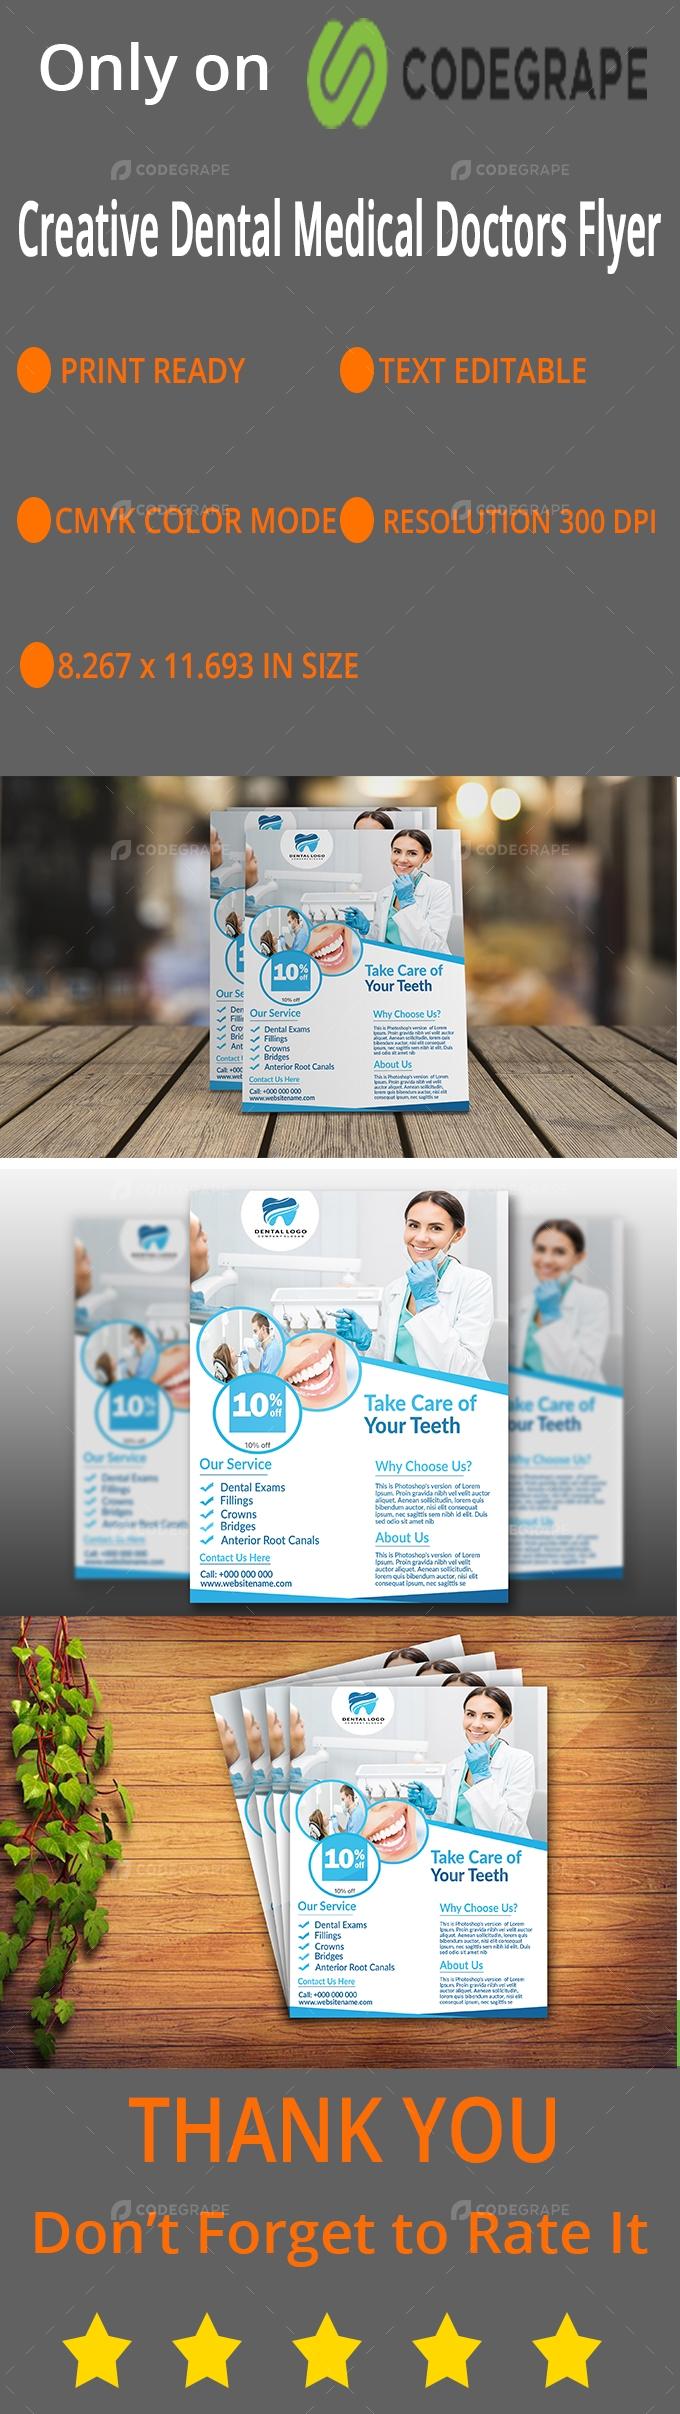 Dental Medical Doctor Flyer